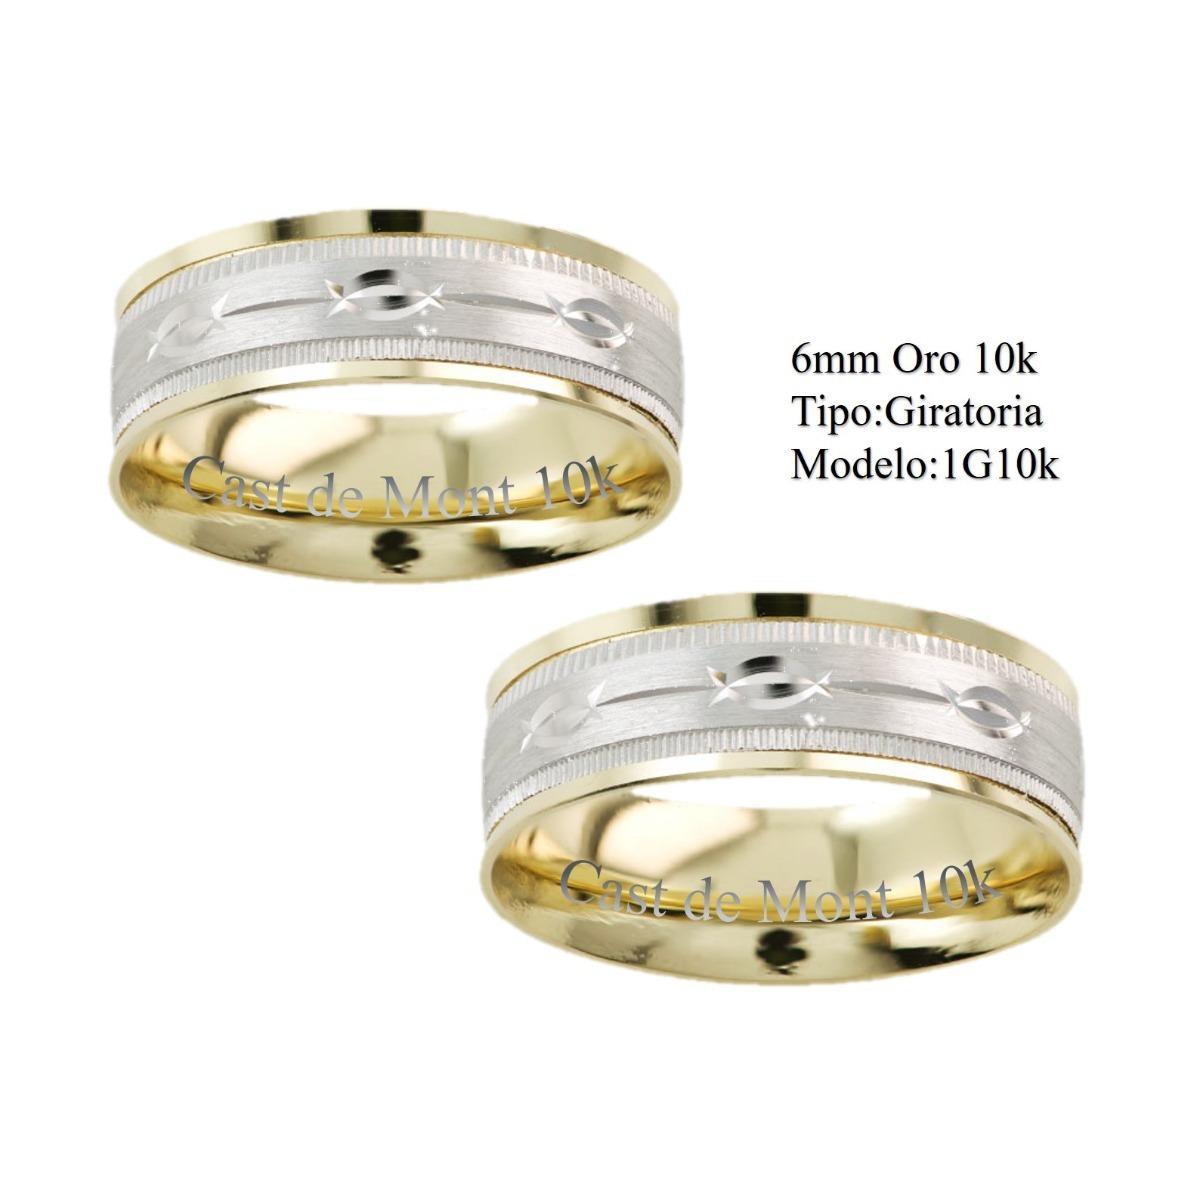 d2fe0e14c96b argollas de matrimonio 6mm giratoria anillos de boda oro 10k. Cargando zoom.